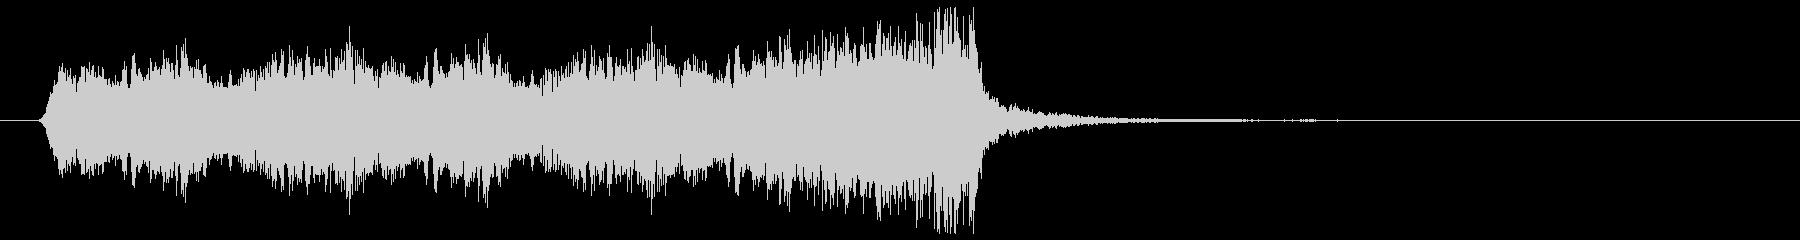 懐かしのアメリカアニメ映画風ジングルの未再生の波形